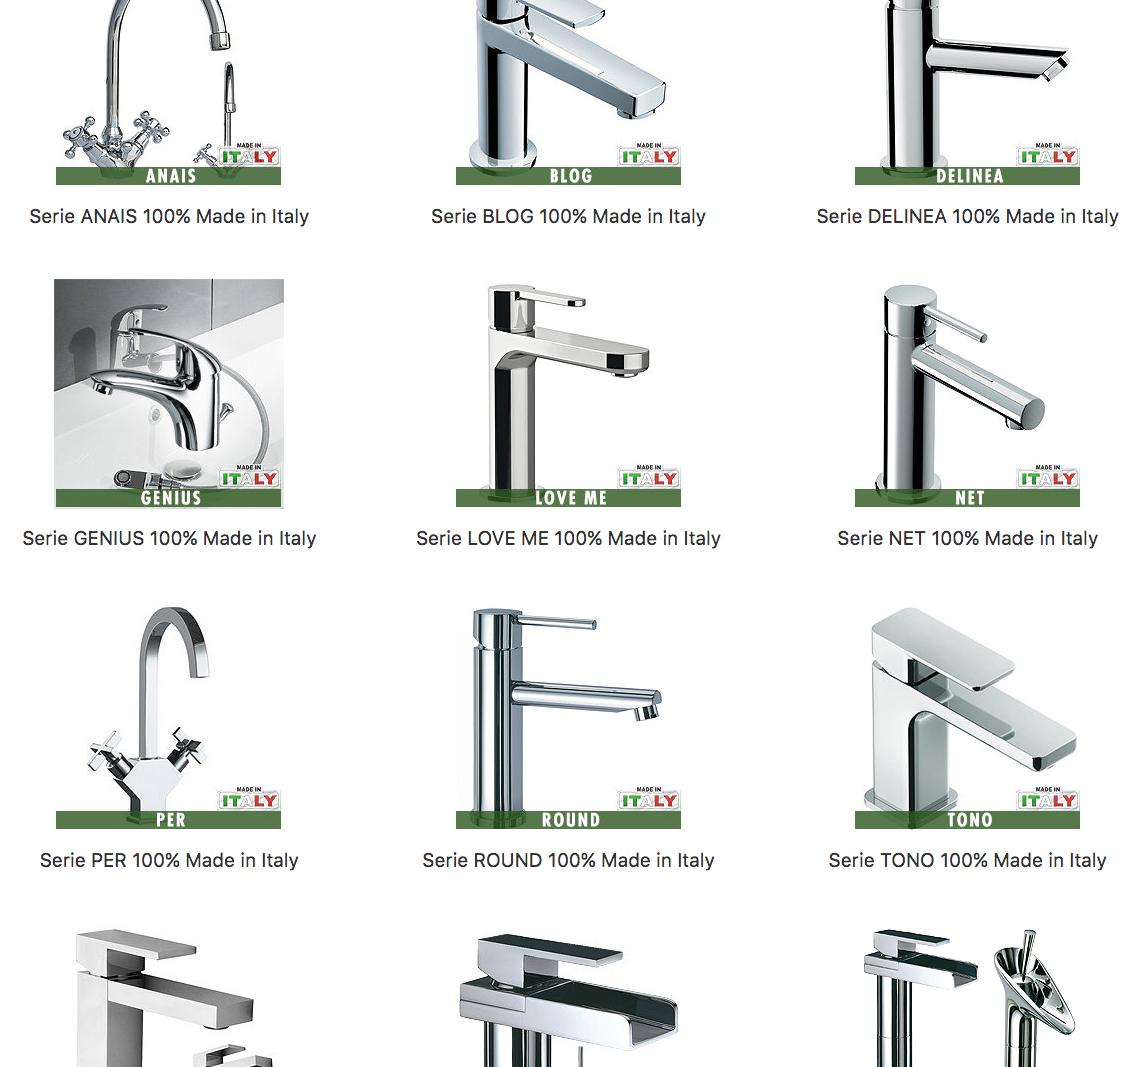 La convenienza delle rubinetterie Made in Italy